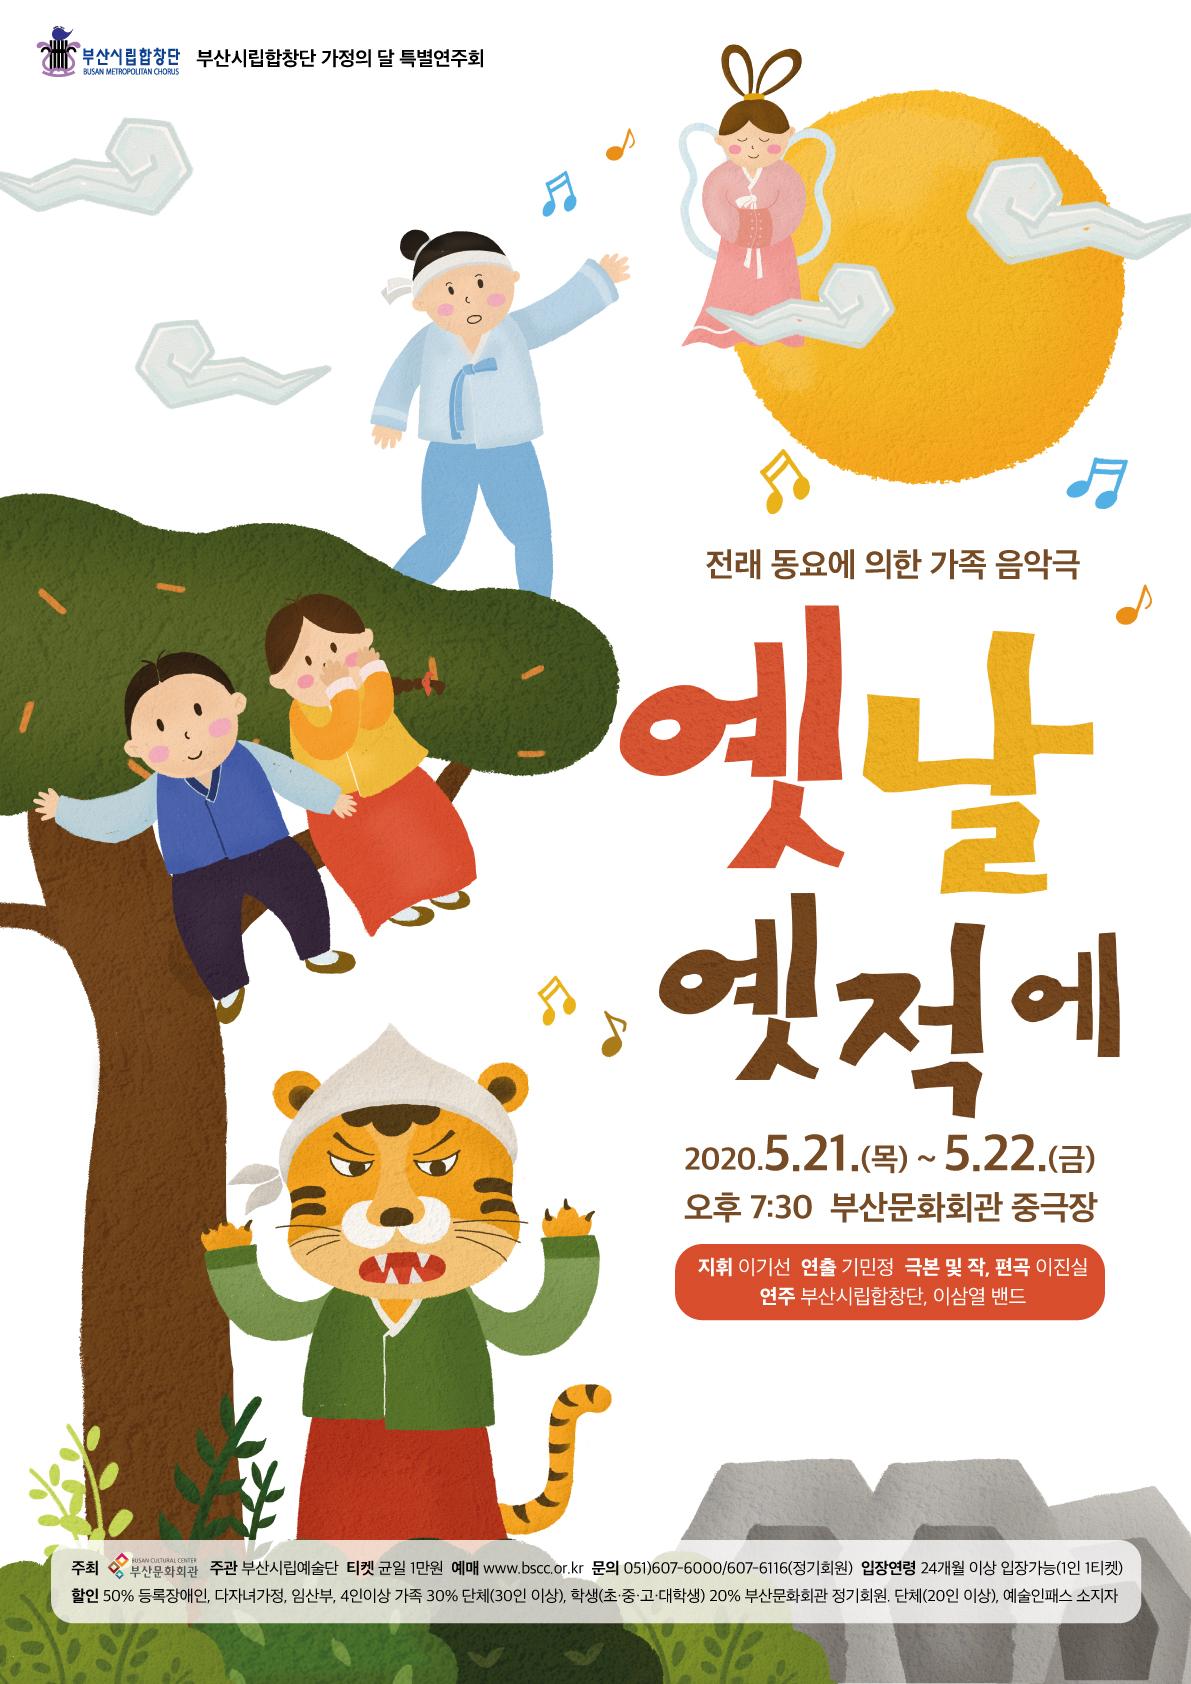 부산시립합창단 특별연주회 <전래동요에 의한 가족 음악극 - 옛날 옛적에>